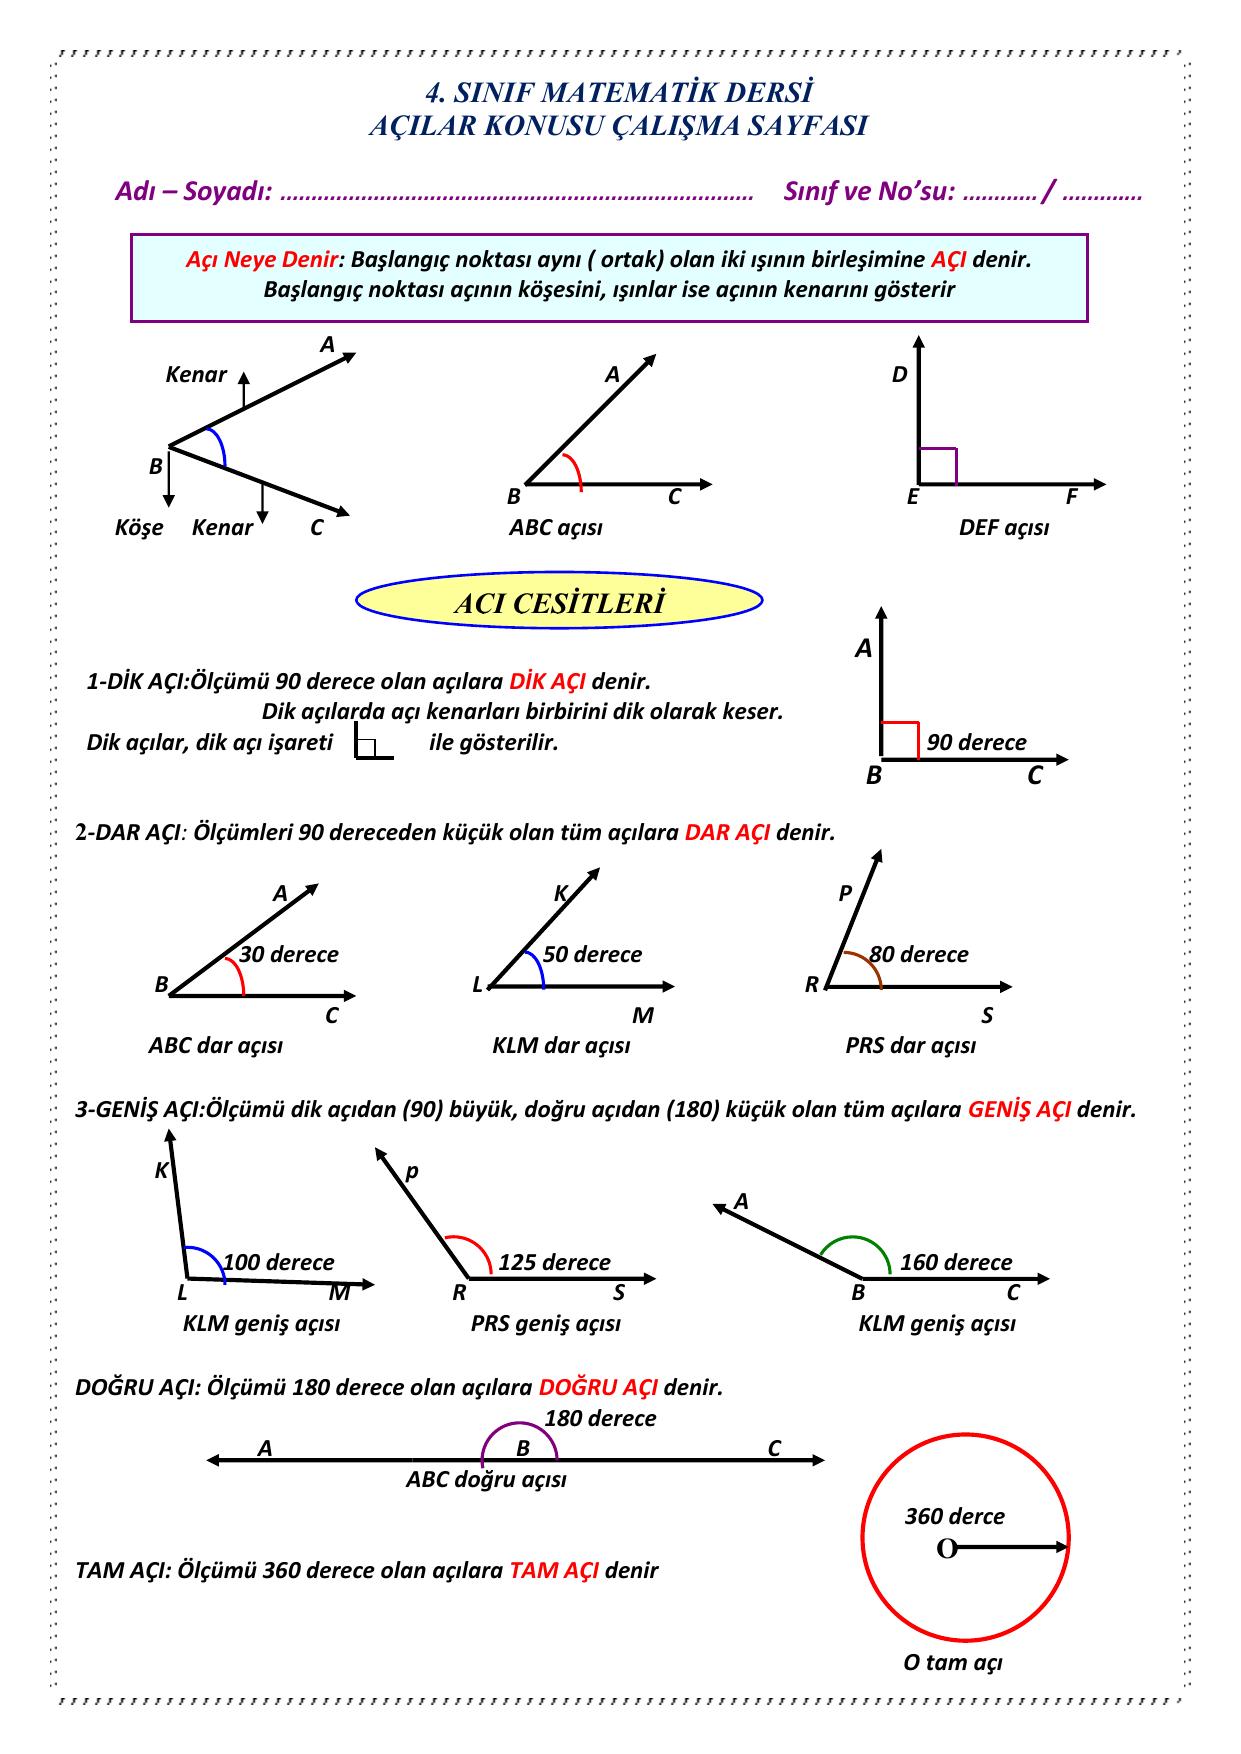 4 Sinif Matematik Dersi Acilar Konusu Calisma Sayfasi